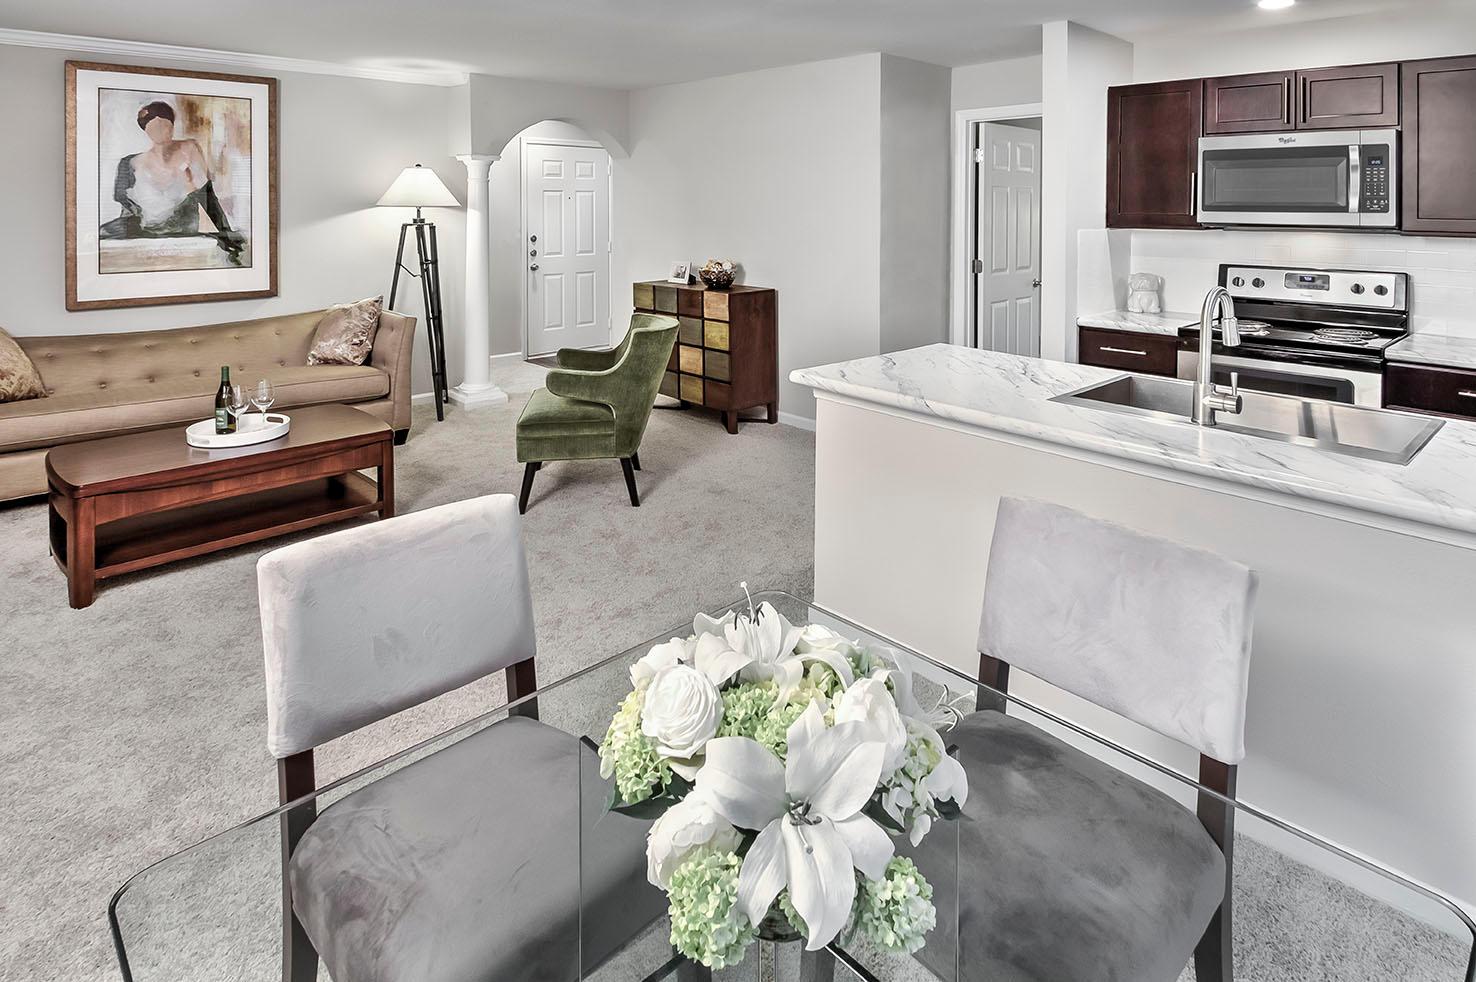 Camden Lake Pine Apartments image 5